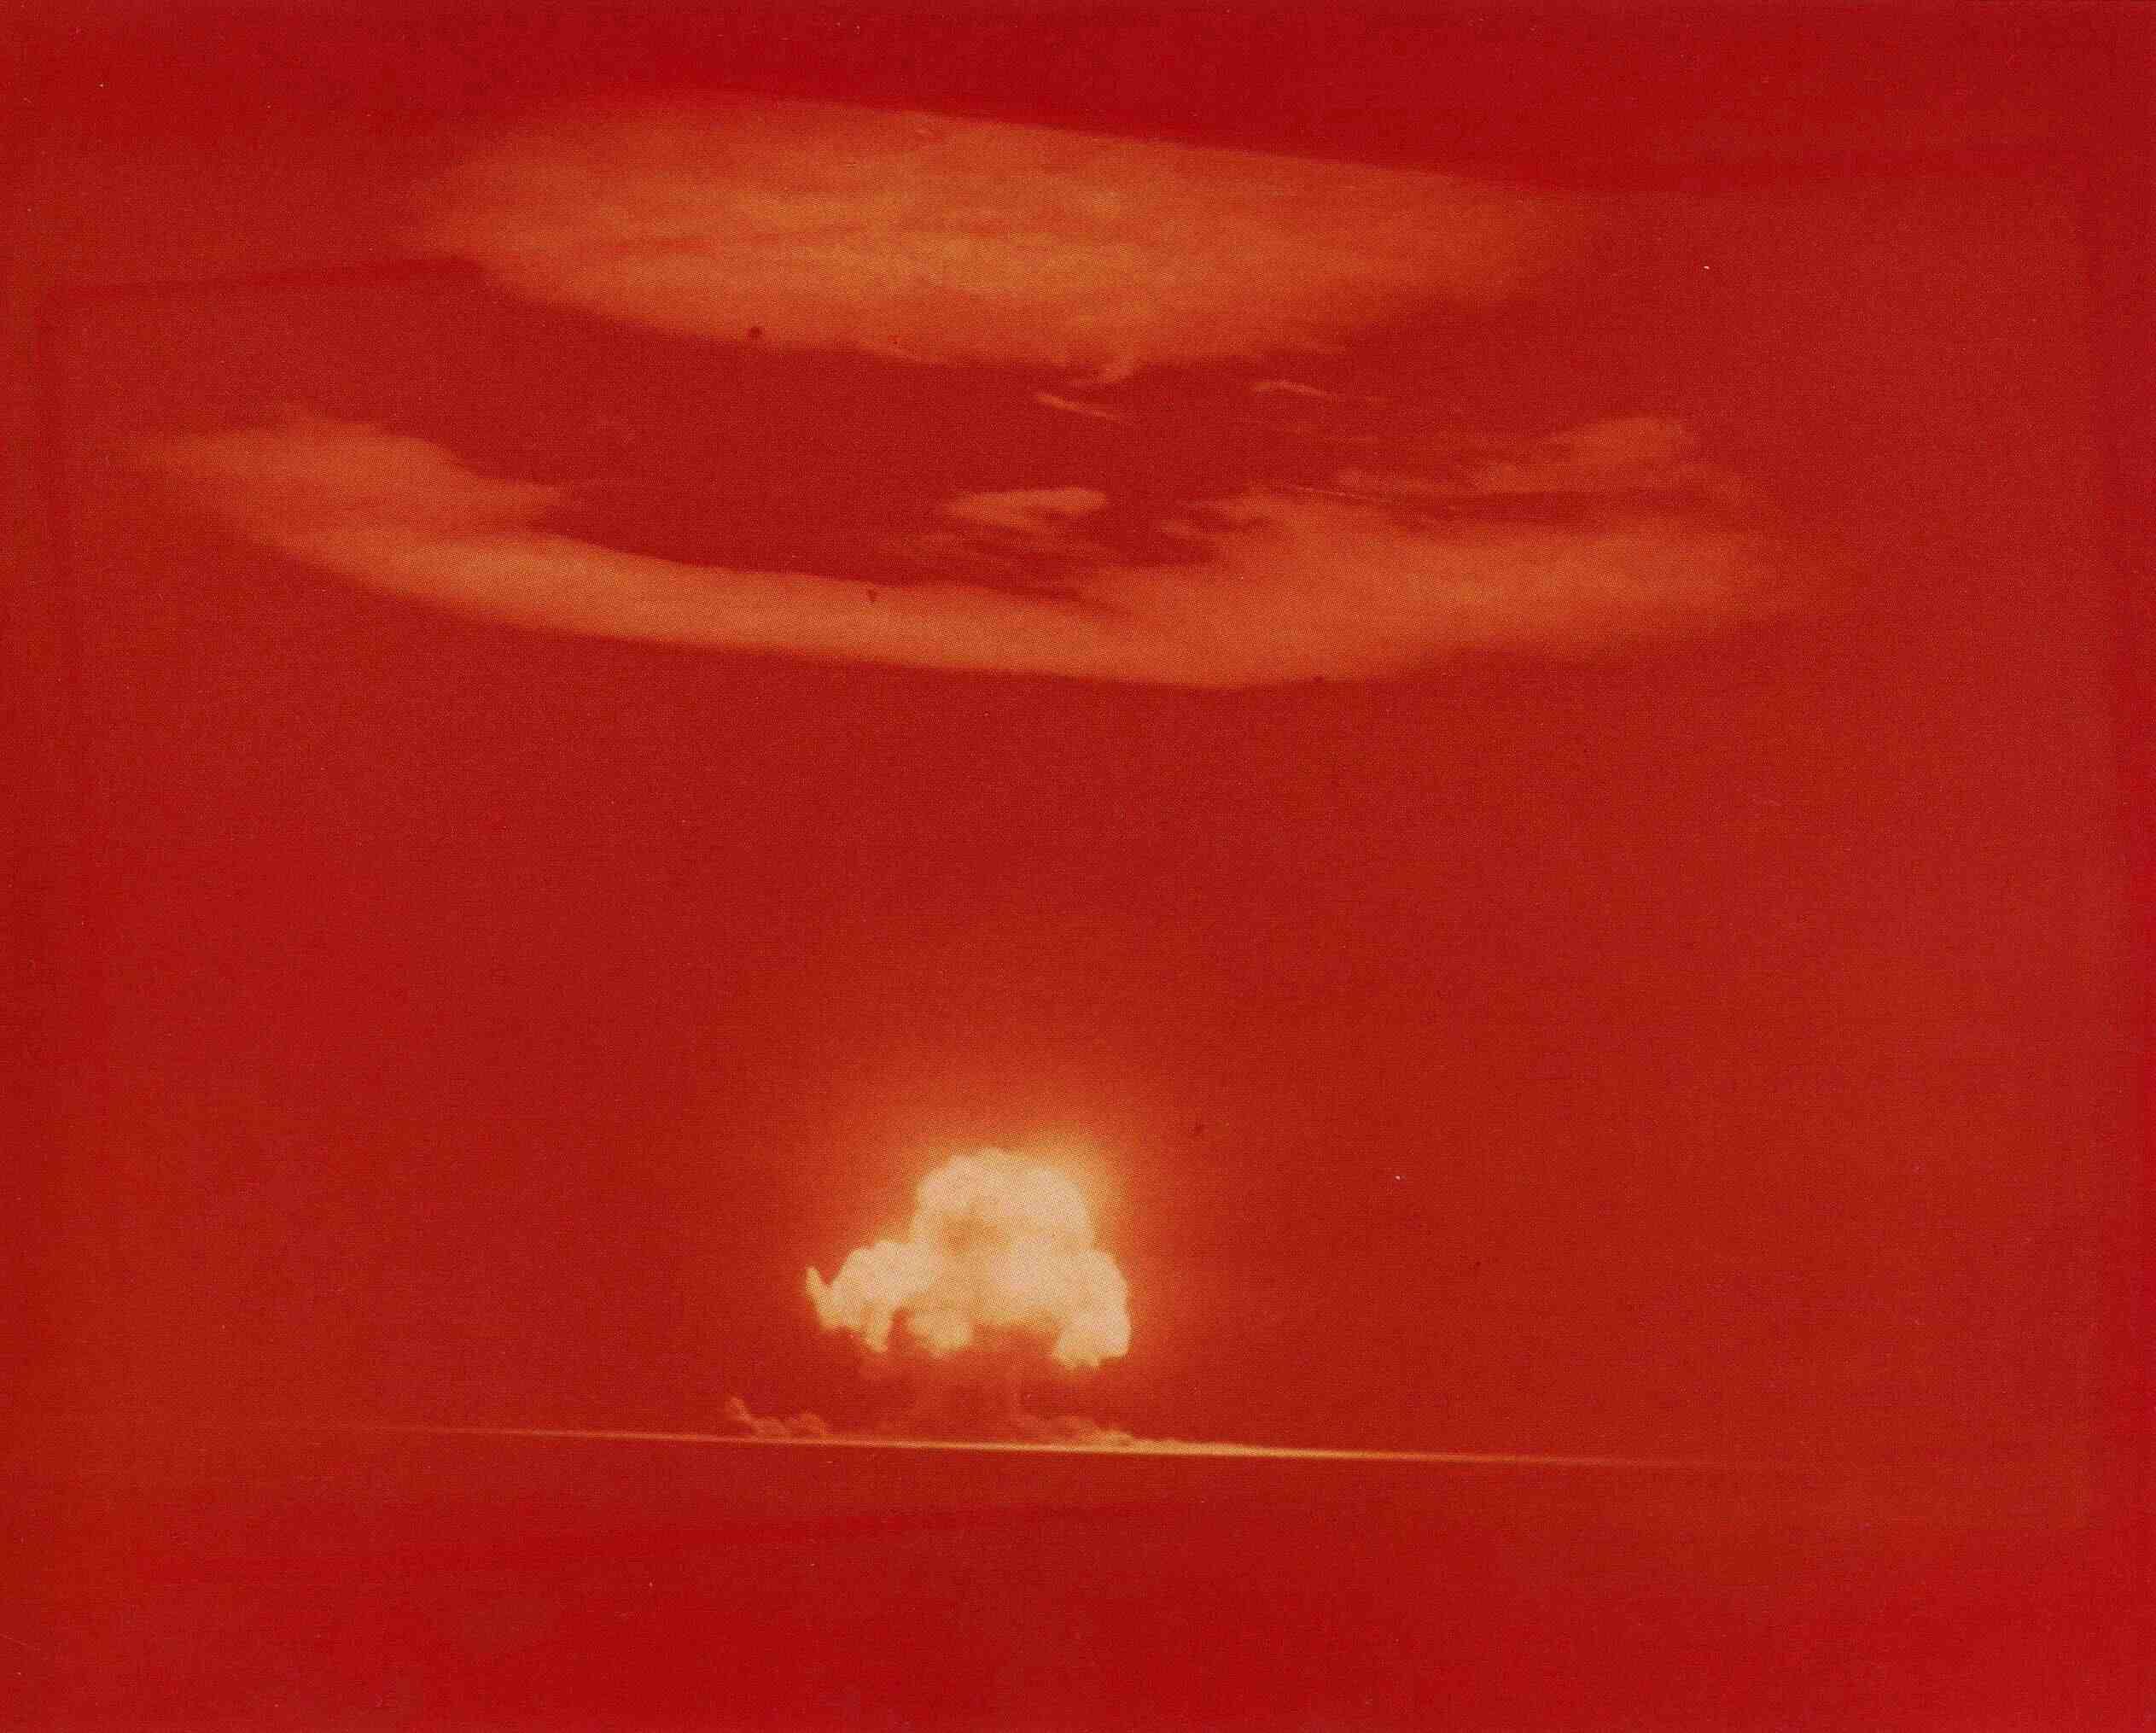 Fotó: Jack W. Aeby híres színes fényképe a ' Trinity ' felvételről, az első nukleáris kísérleti robbanásról, 1945. július 16.